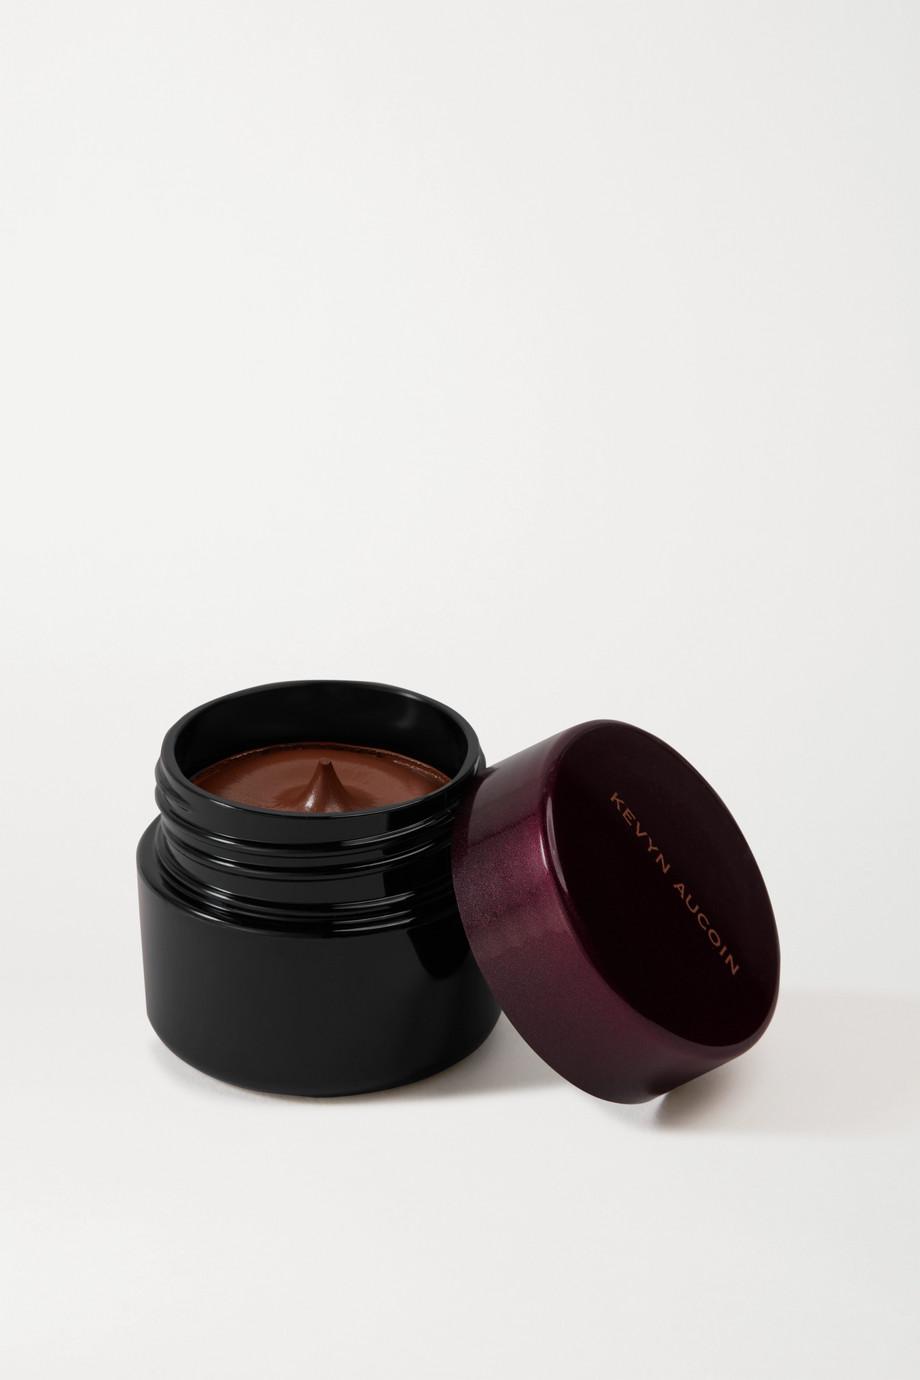 Kevyn Aucoin Baume pour le teint Le sublimateur de peau sensuelle, SX15